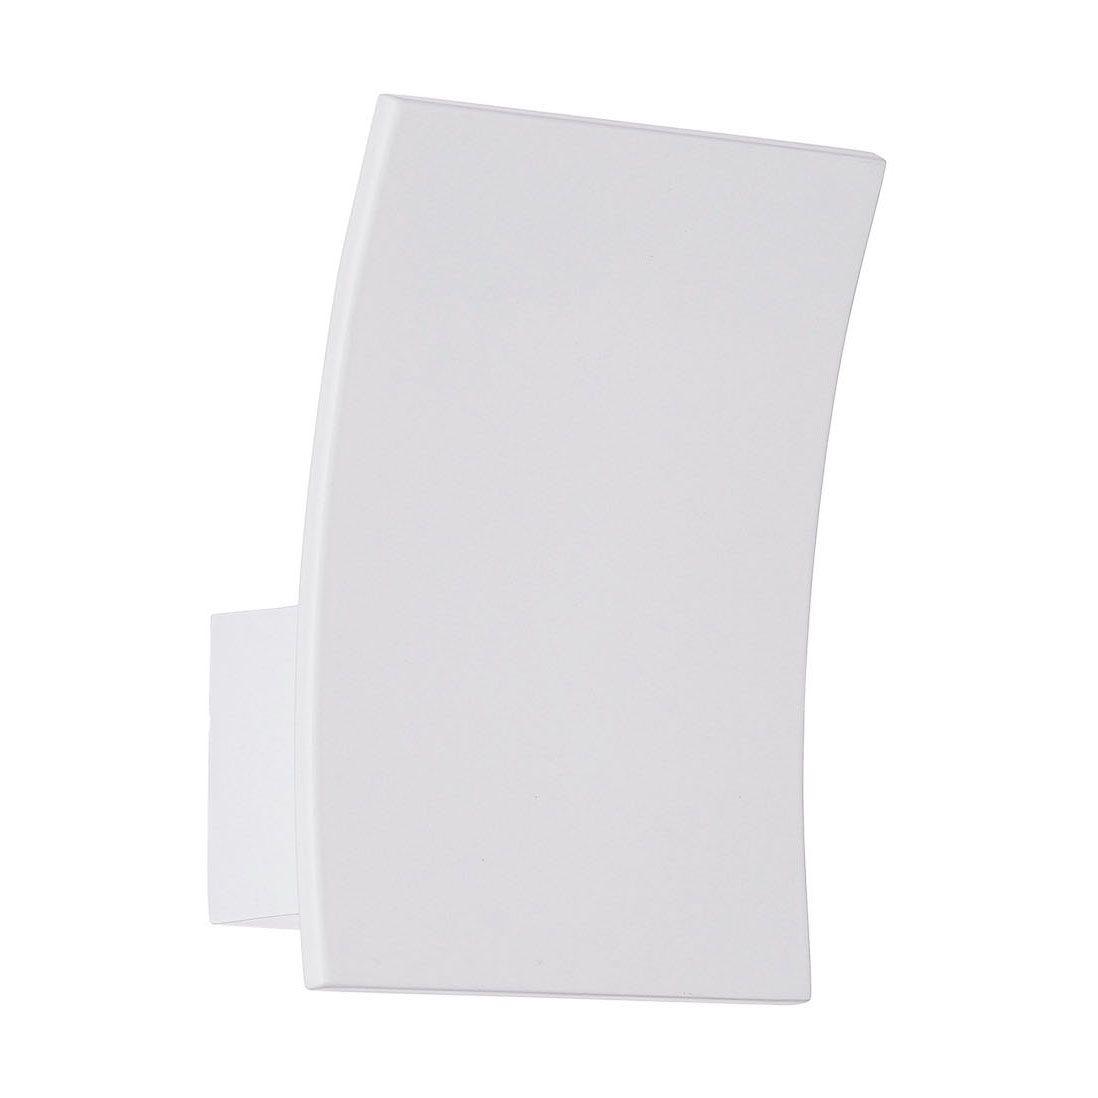 Купить Настенный светодиодный светильник Ideal Lux Fix Bianco, inmyroom, Италия